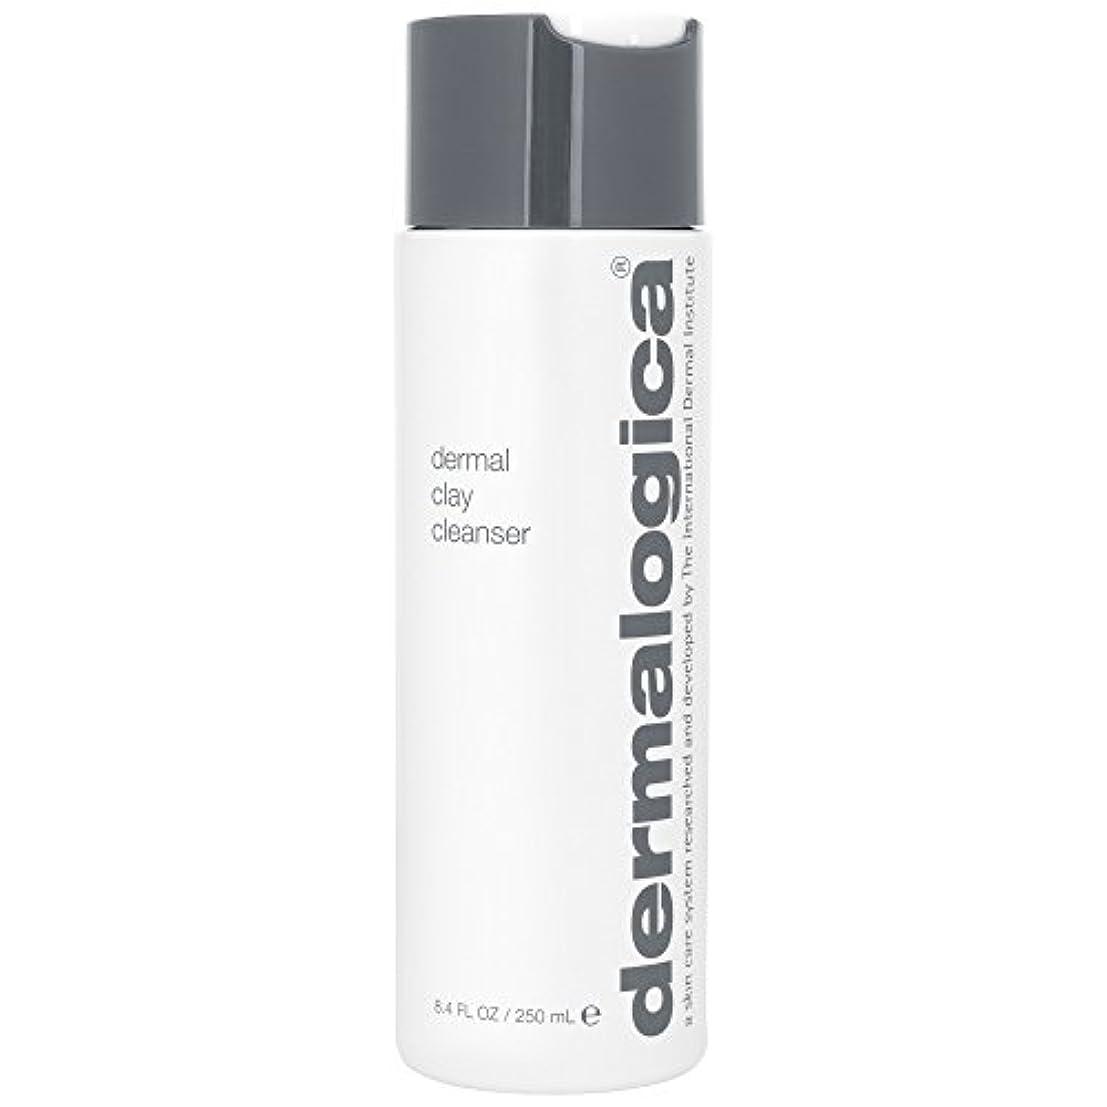 アレイピンク守るダーマロジカ真皮クレイクレンザー250ミリリットル (Dermalogica) (x6) - Dermalogica Dermal Clay Cleanser 250ml (Pack of 6) [並行輸入品]